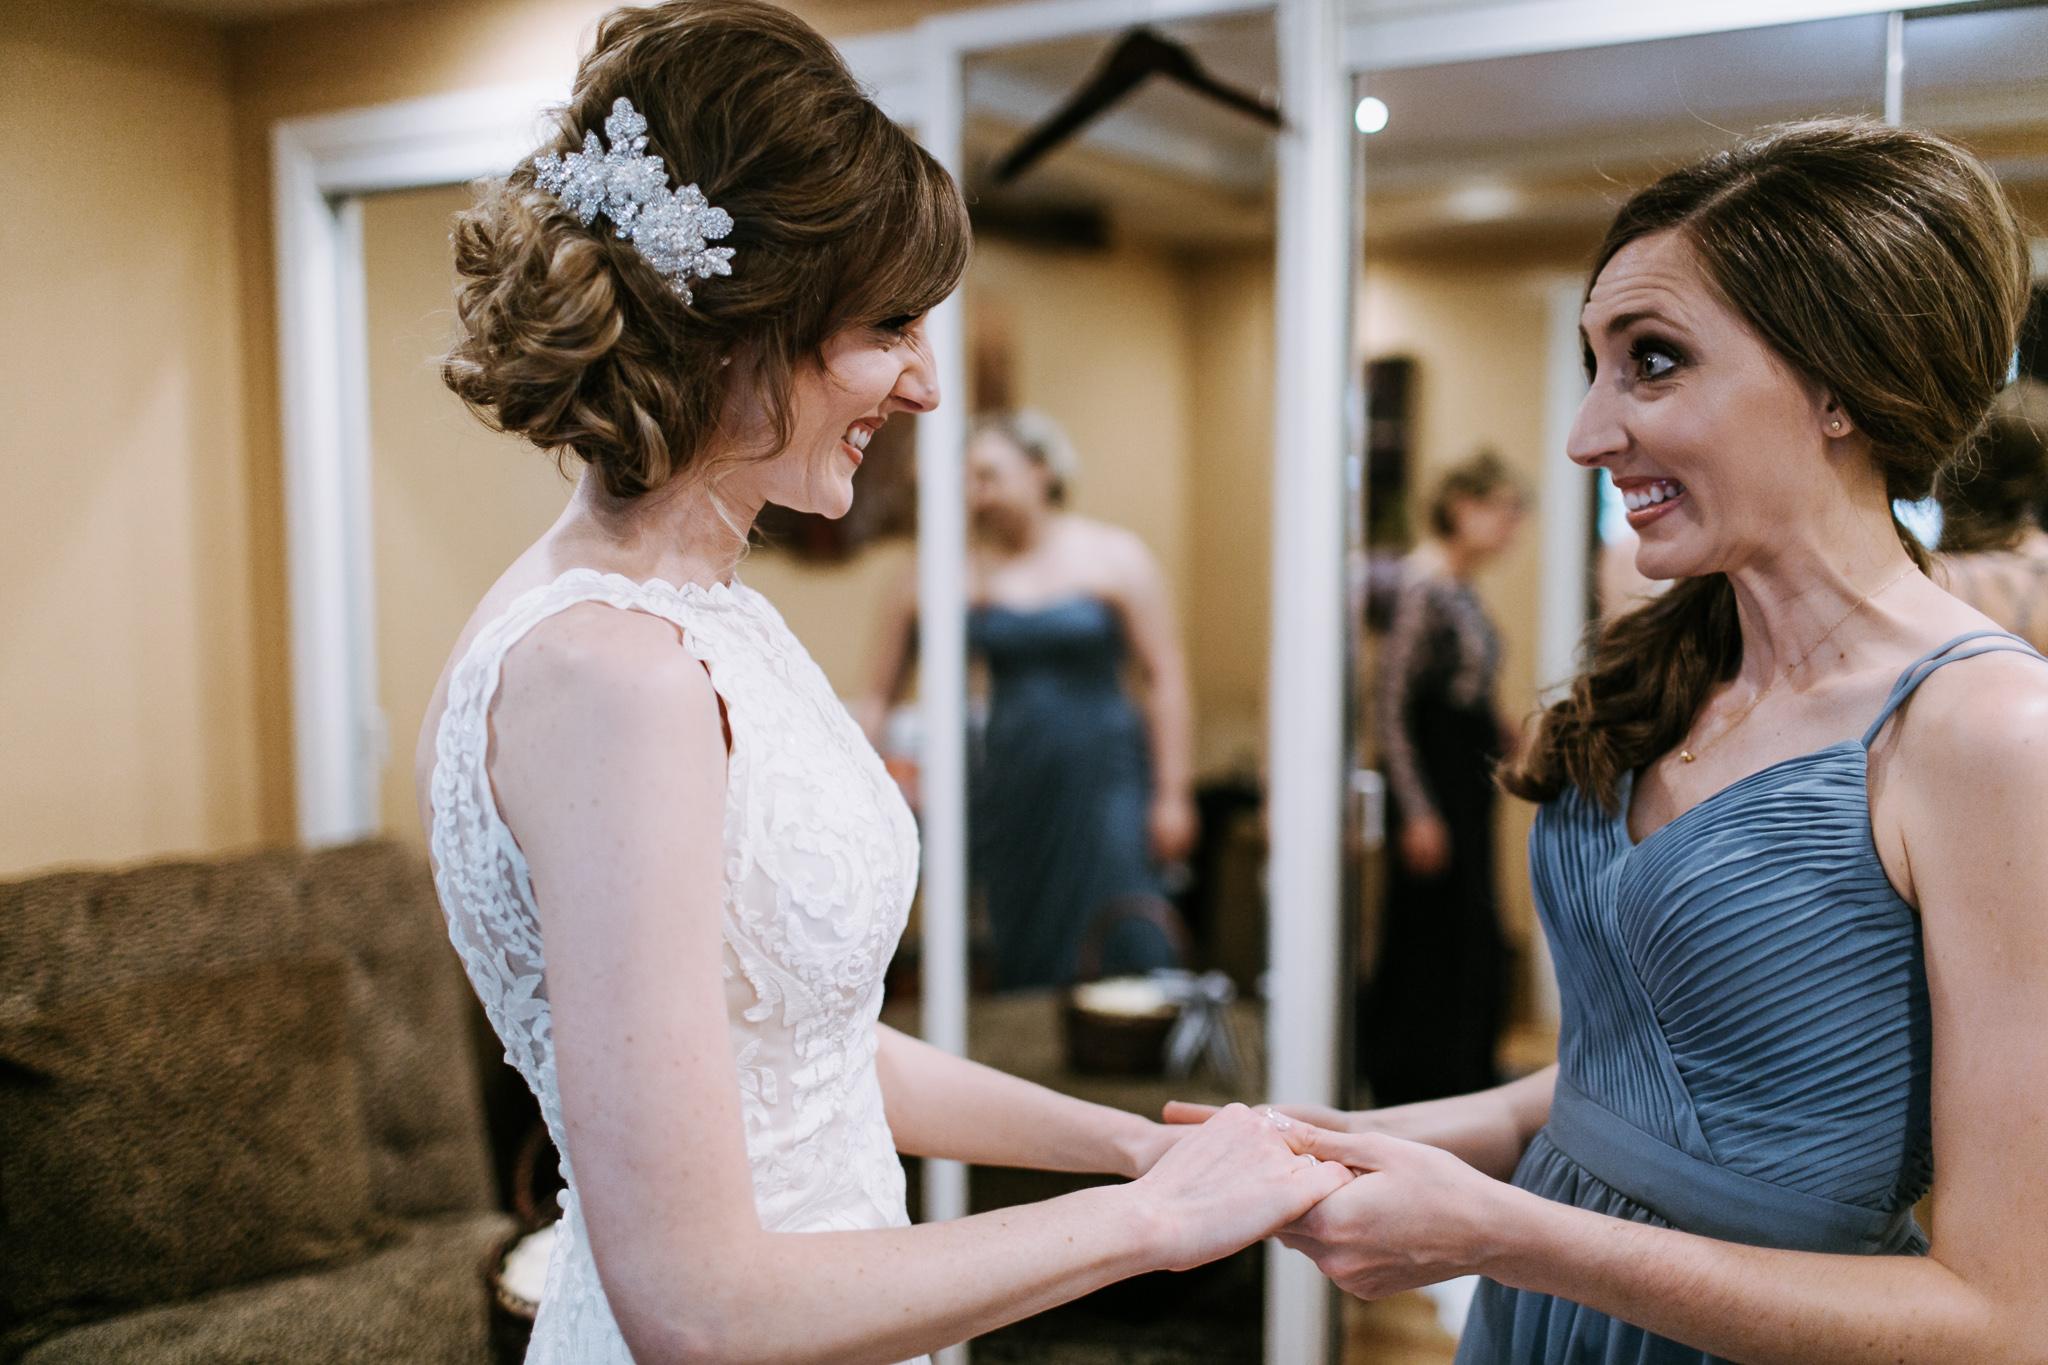 BayArea-Wedding-Photographer-19.jpg